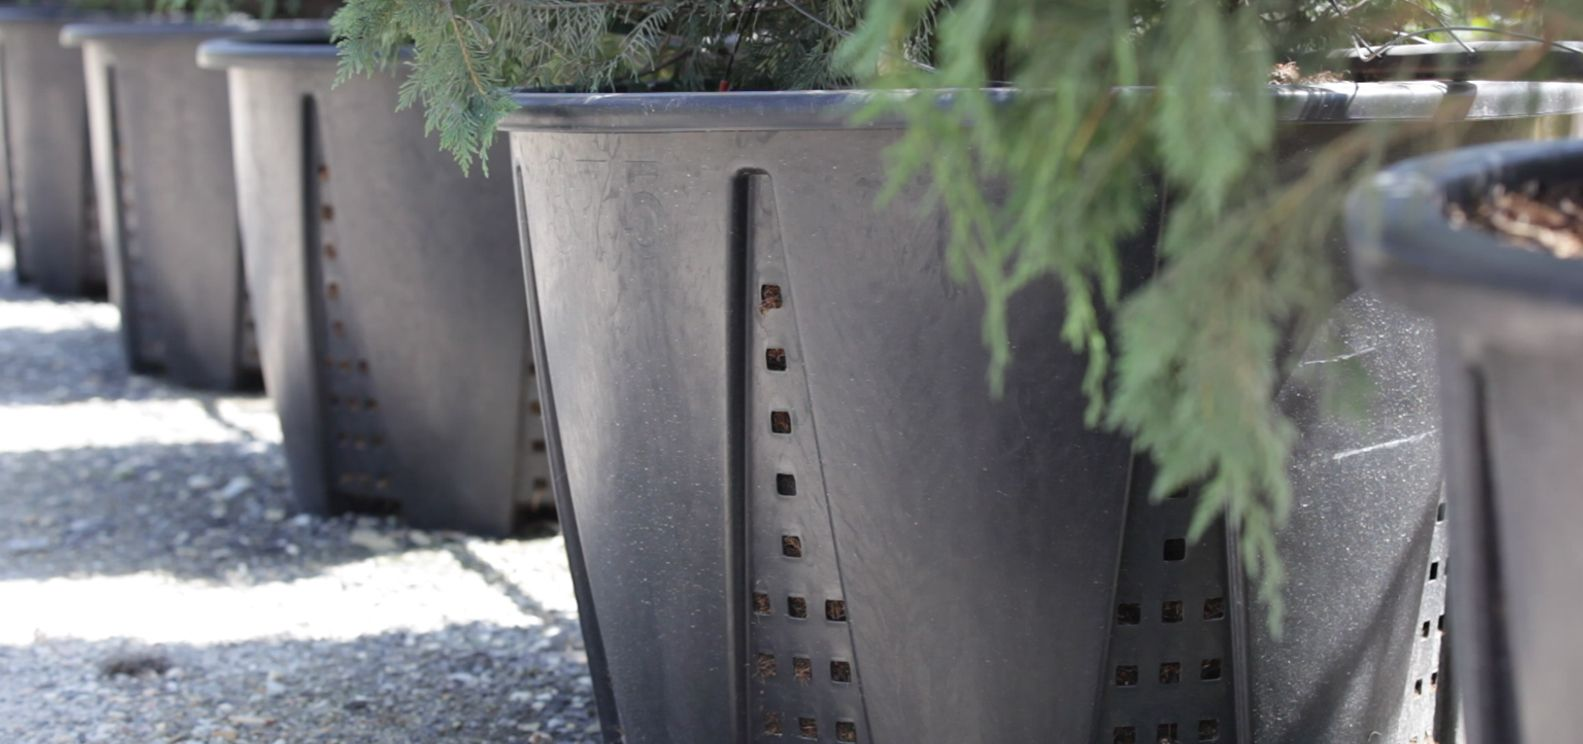 Nuova pasquini bini vasi in plastica vivaio giardino for Produzione arredo urbano